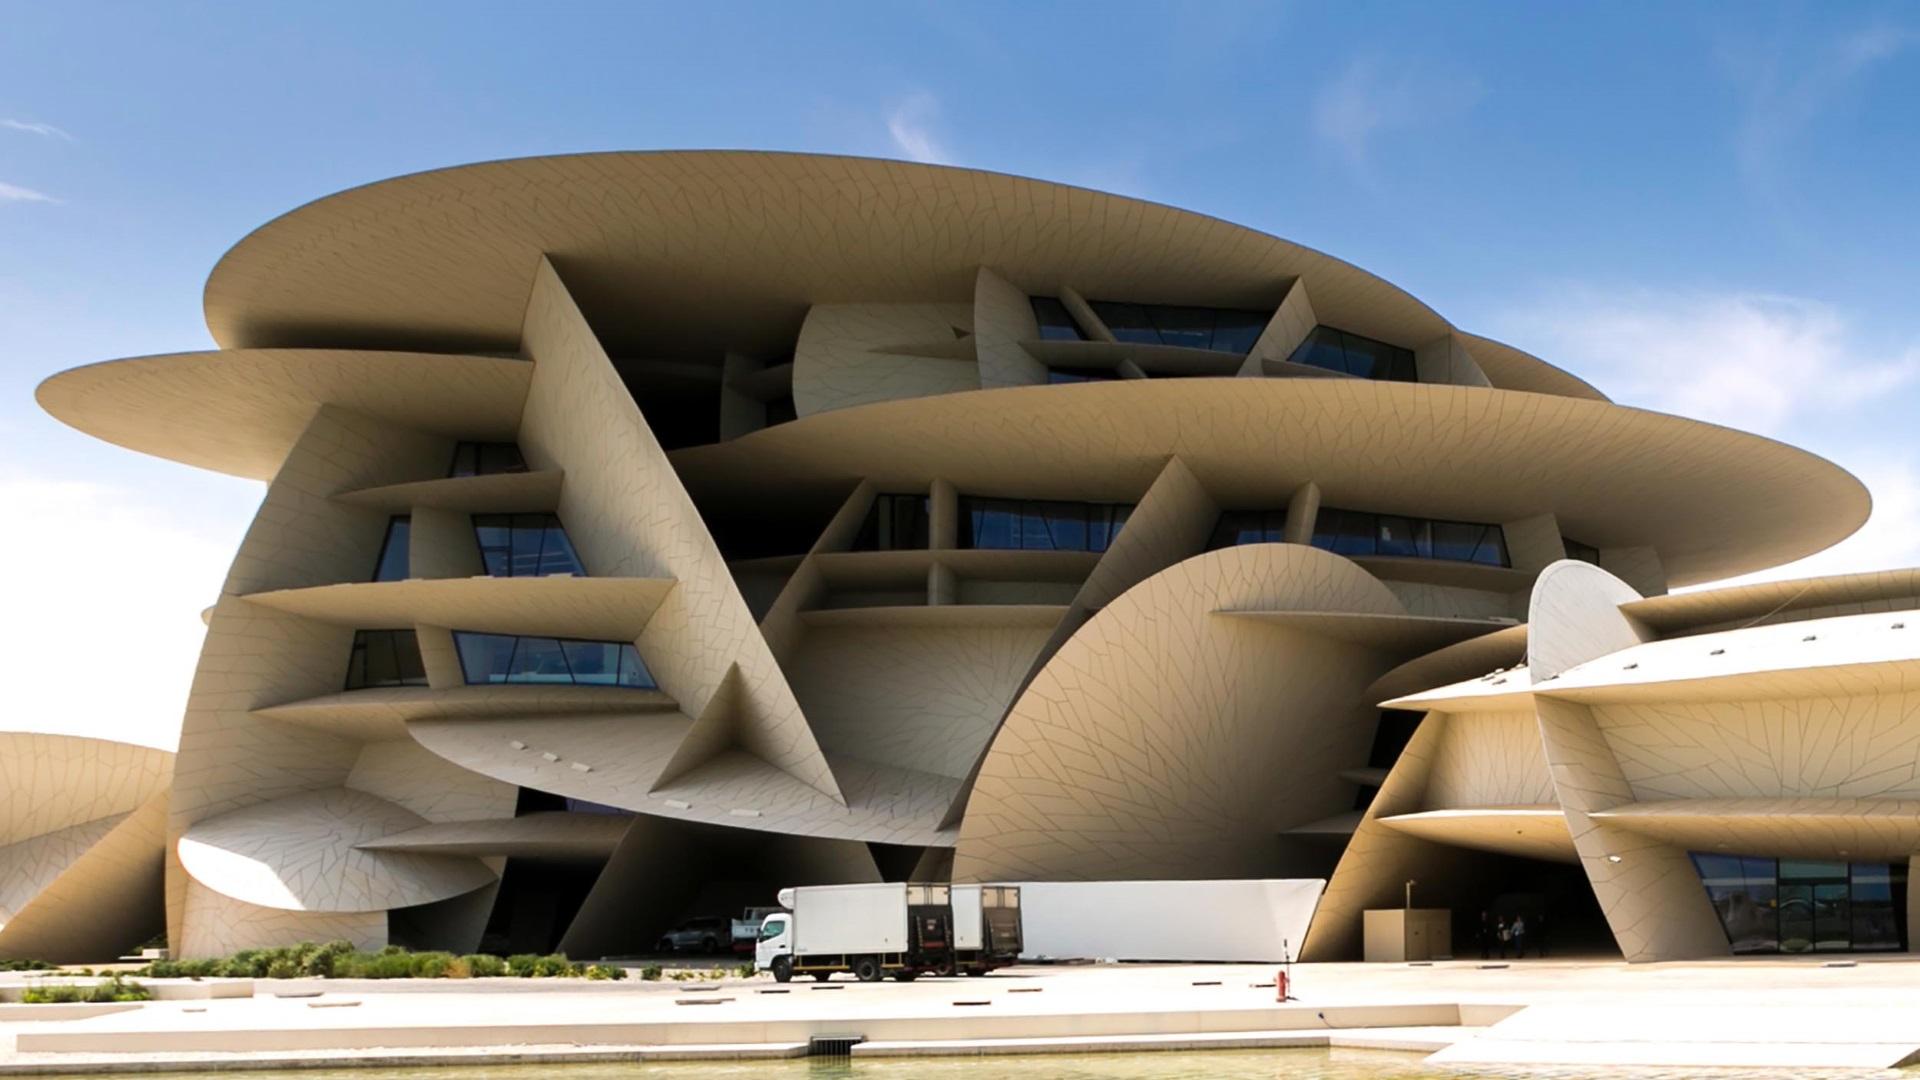 Националният музей на Катар в Доха, който е по проект на френския архитект Жан Нувел, беше открит тържествено с церемония, на която присъстваха много знаменитости.